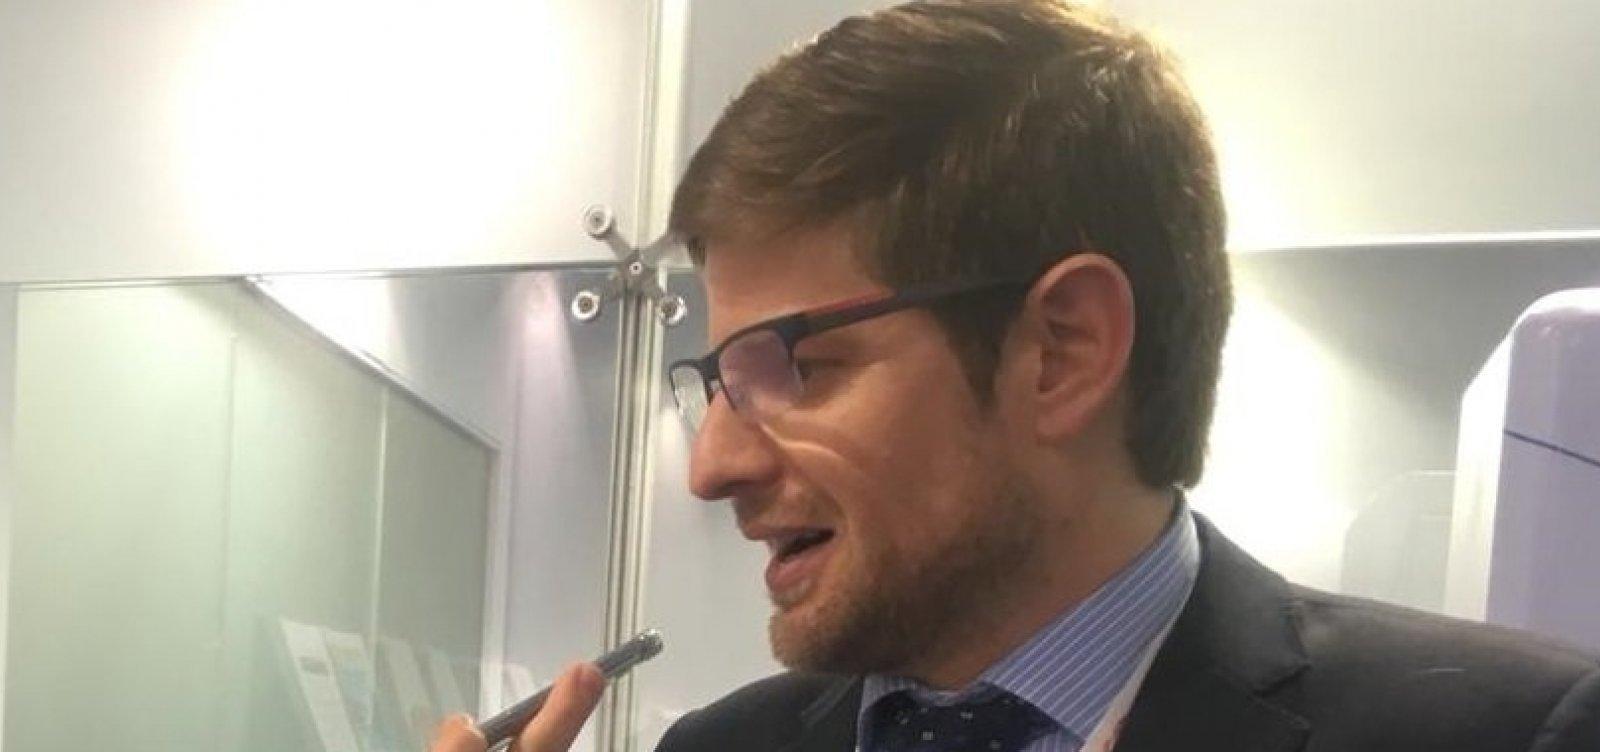 [Air Europa oferece parada gratuita em Madri para quem viaja ao continente]